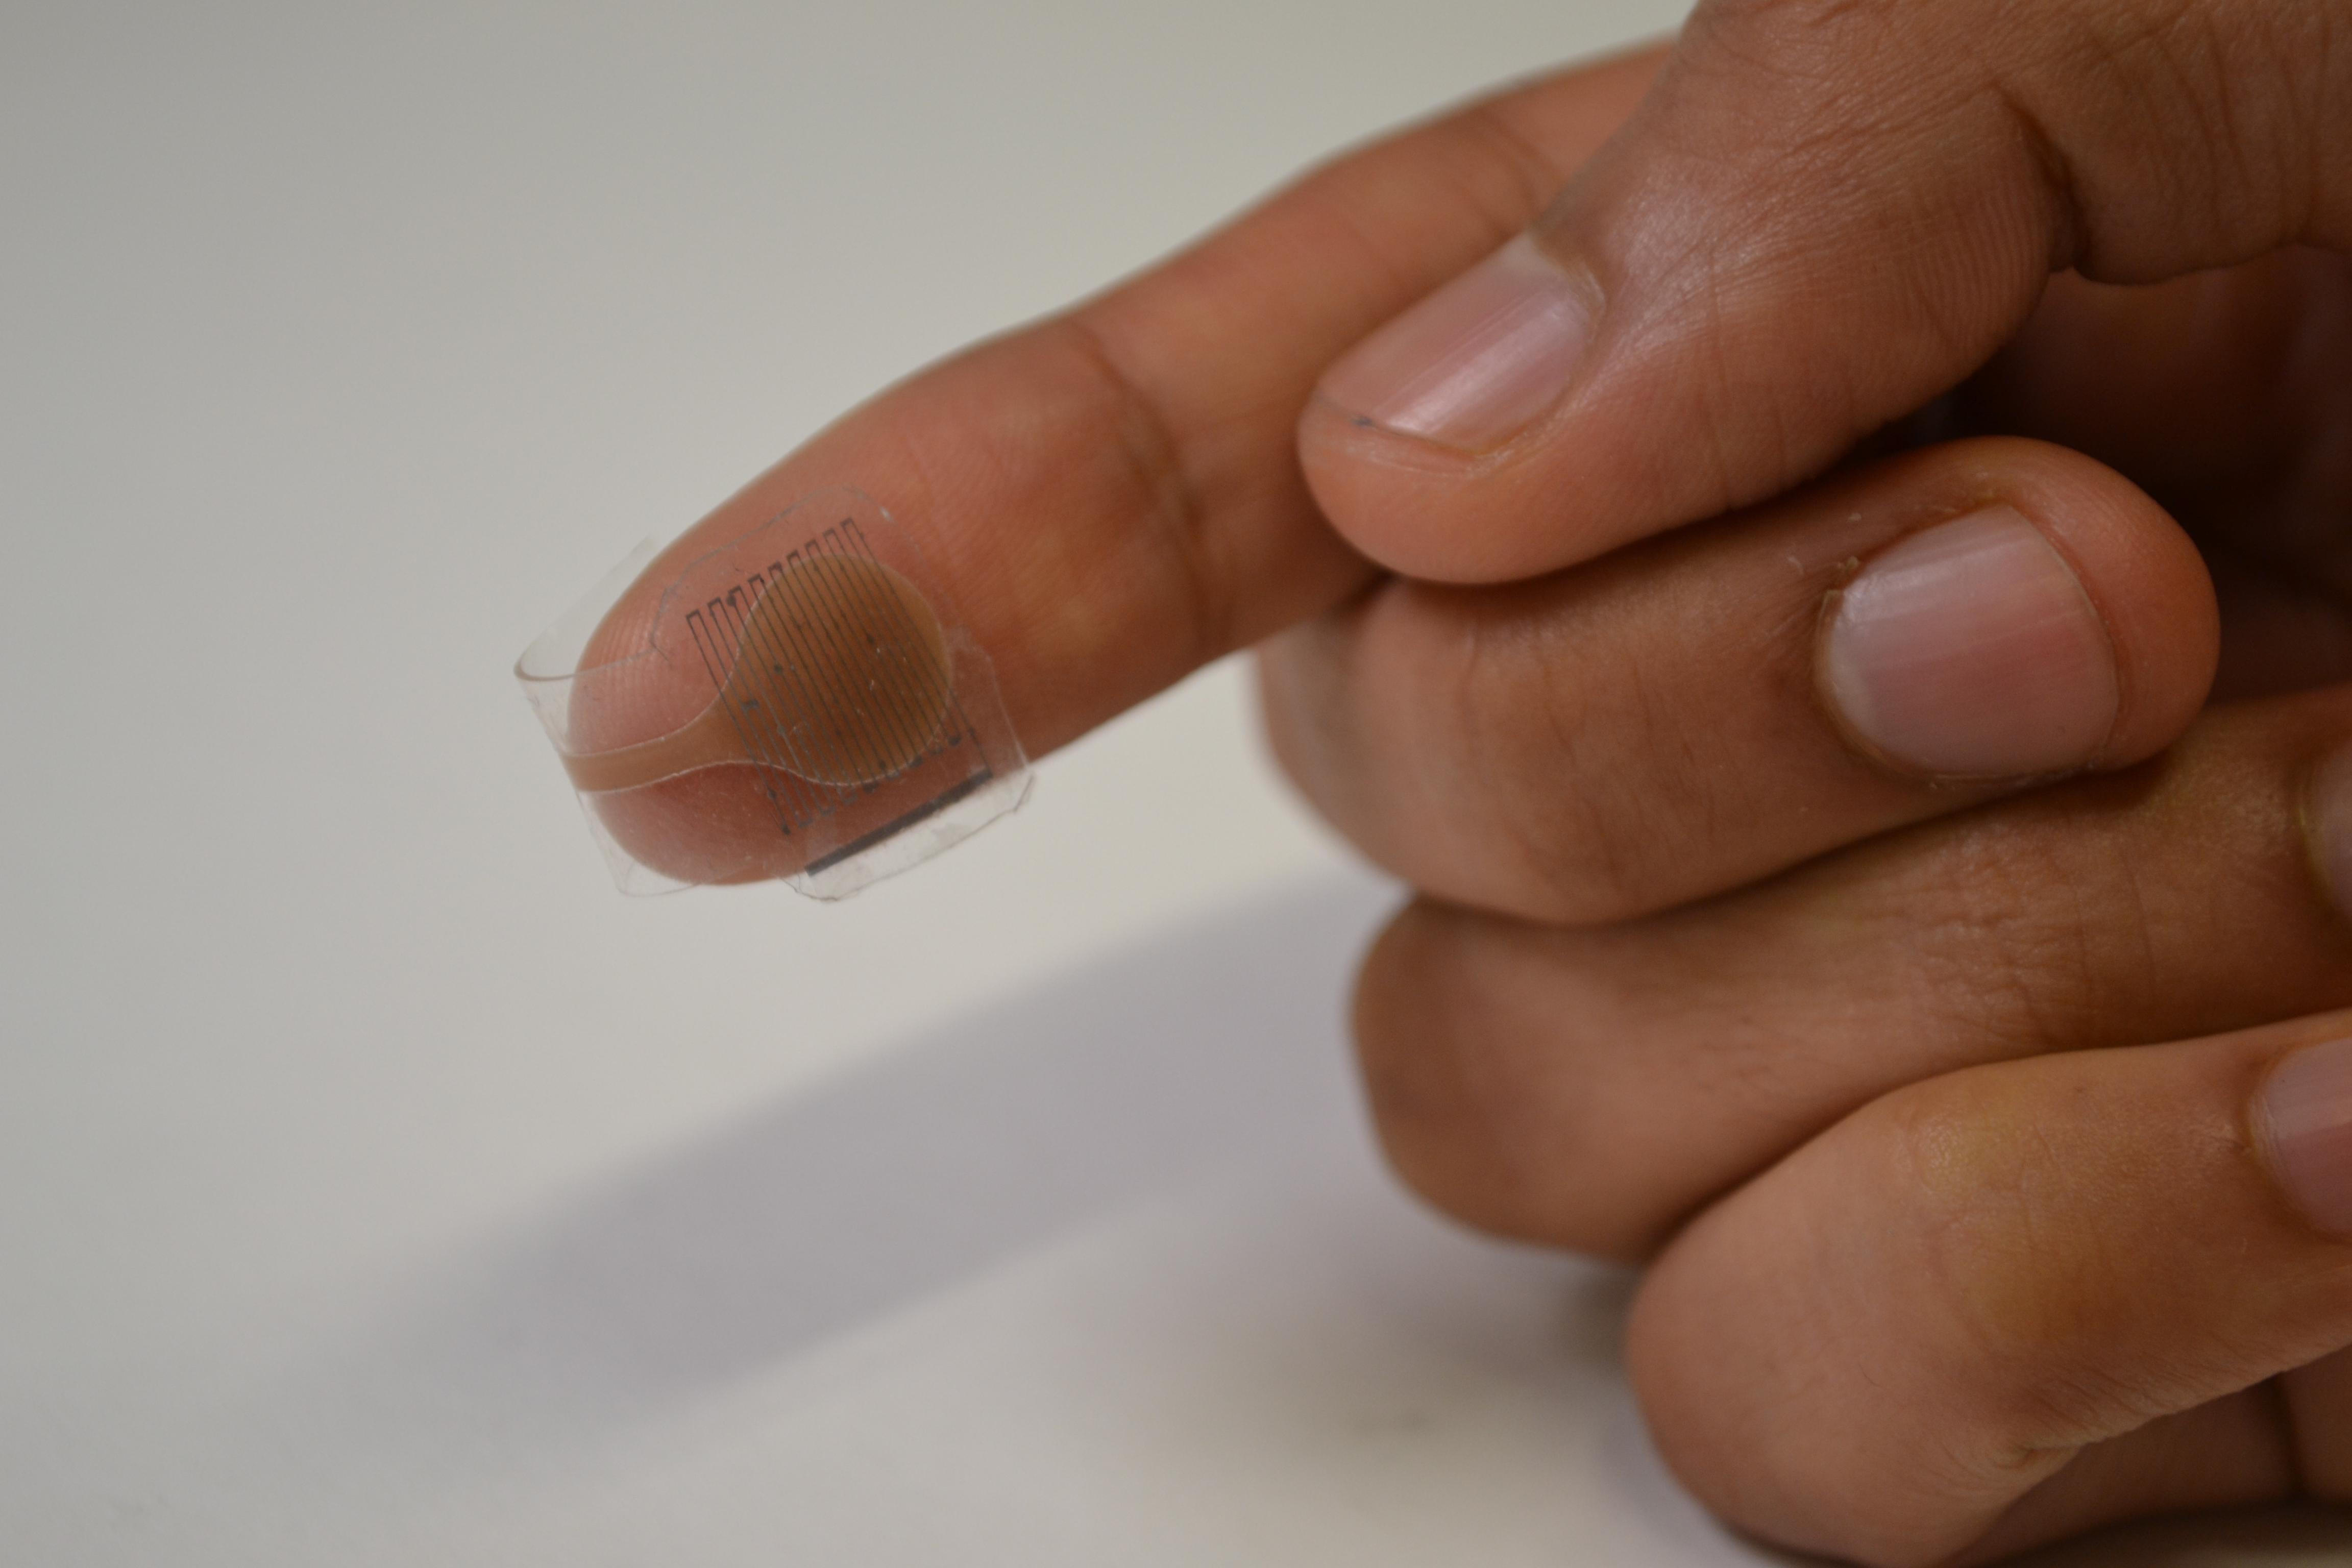 پوست مصنوعی جدید با پشتیبانی از بازخوردهای لمسی